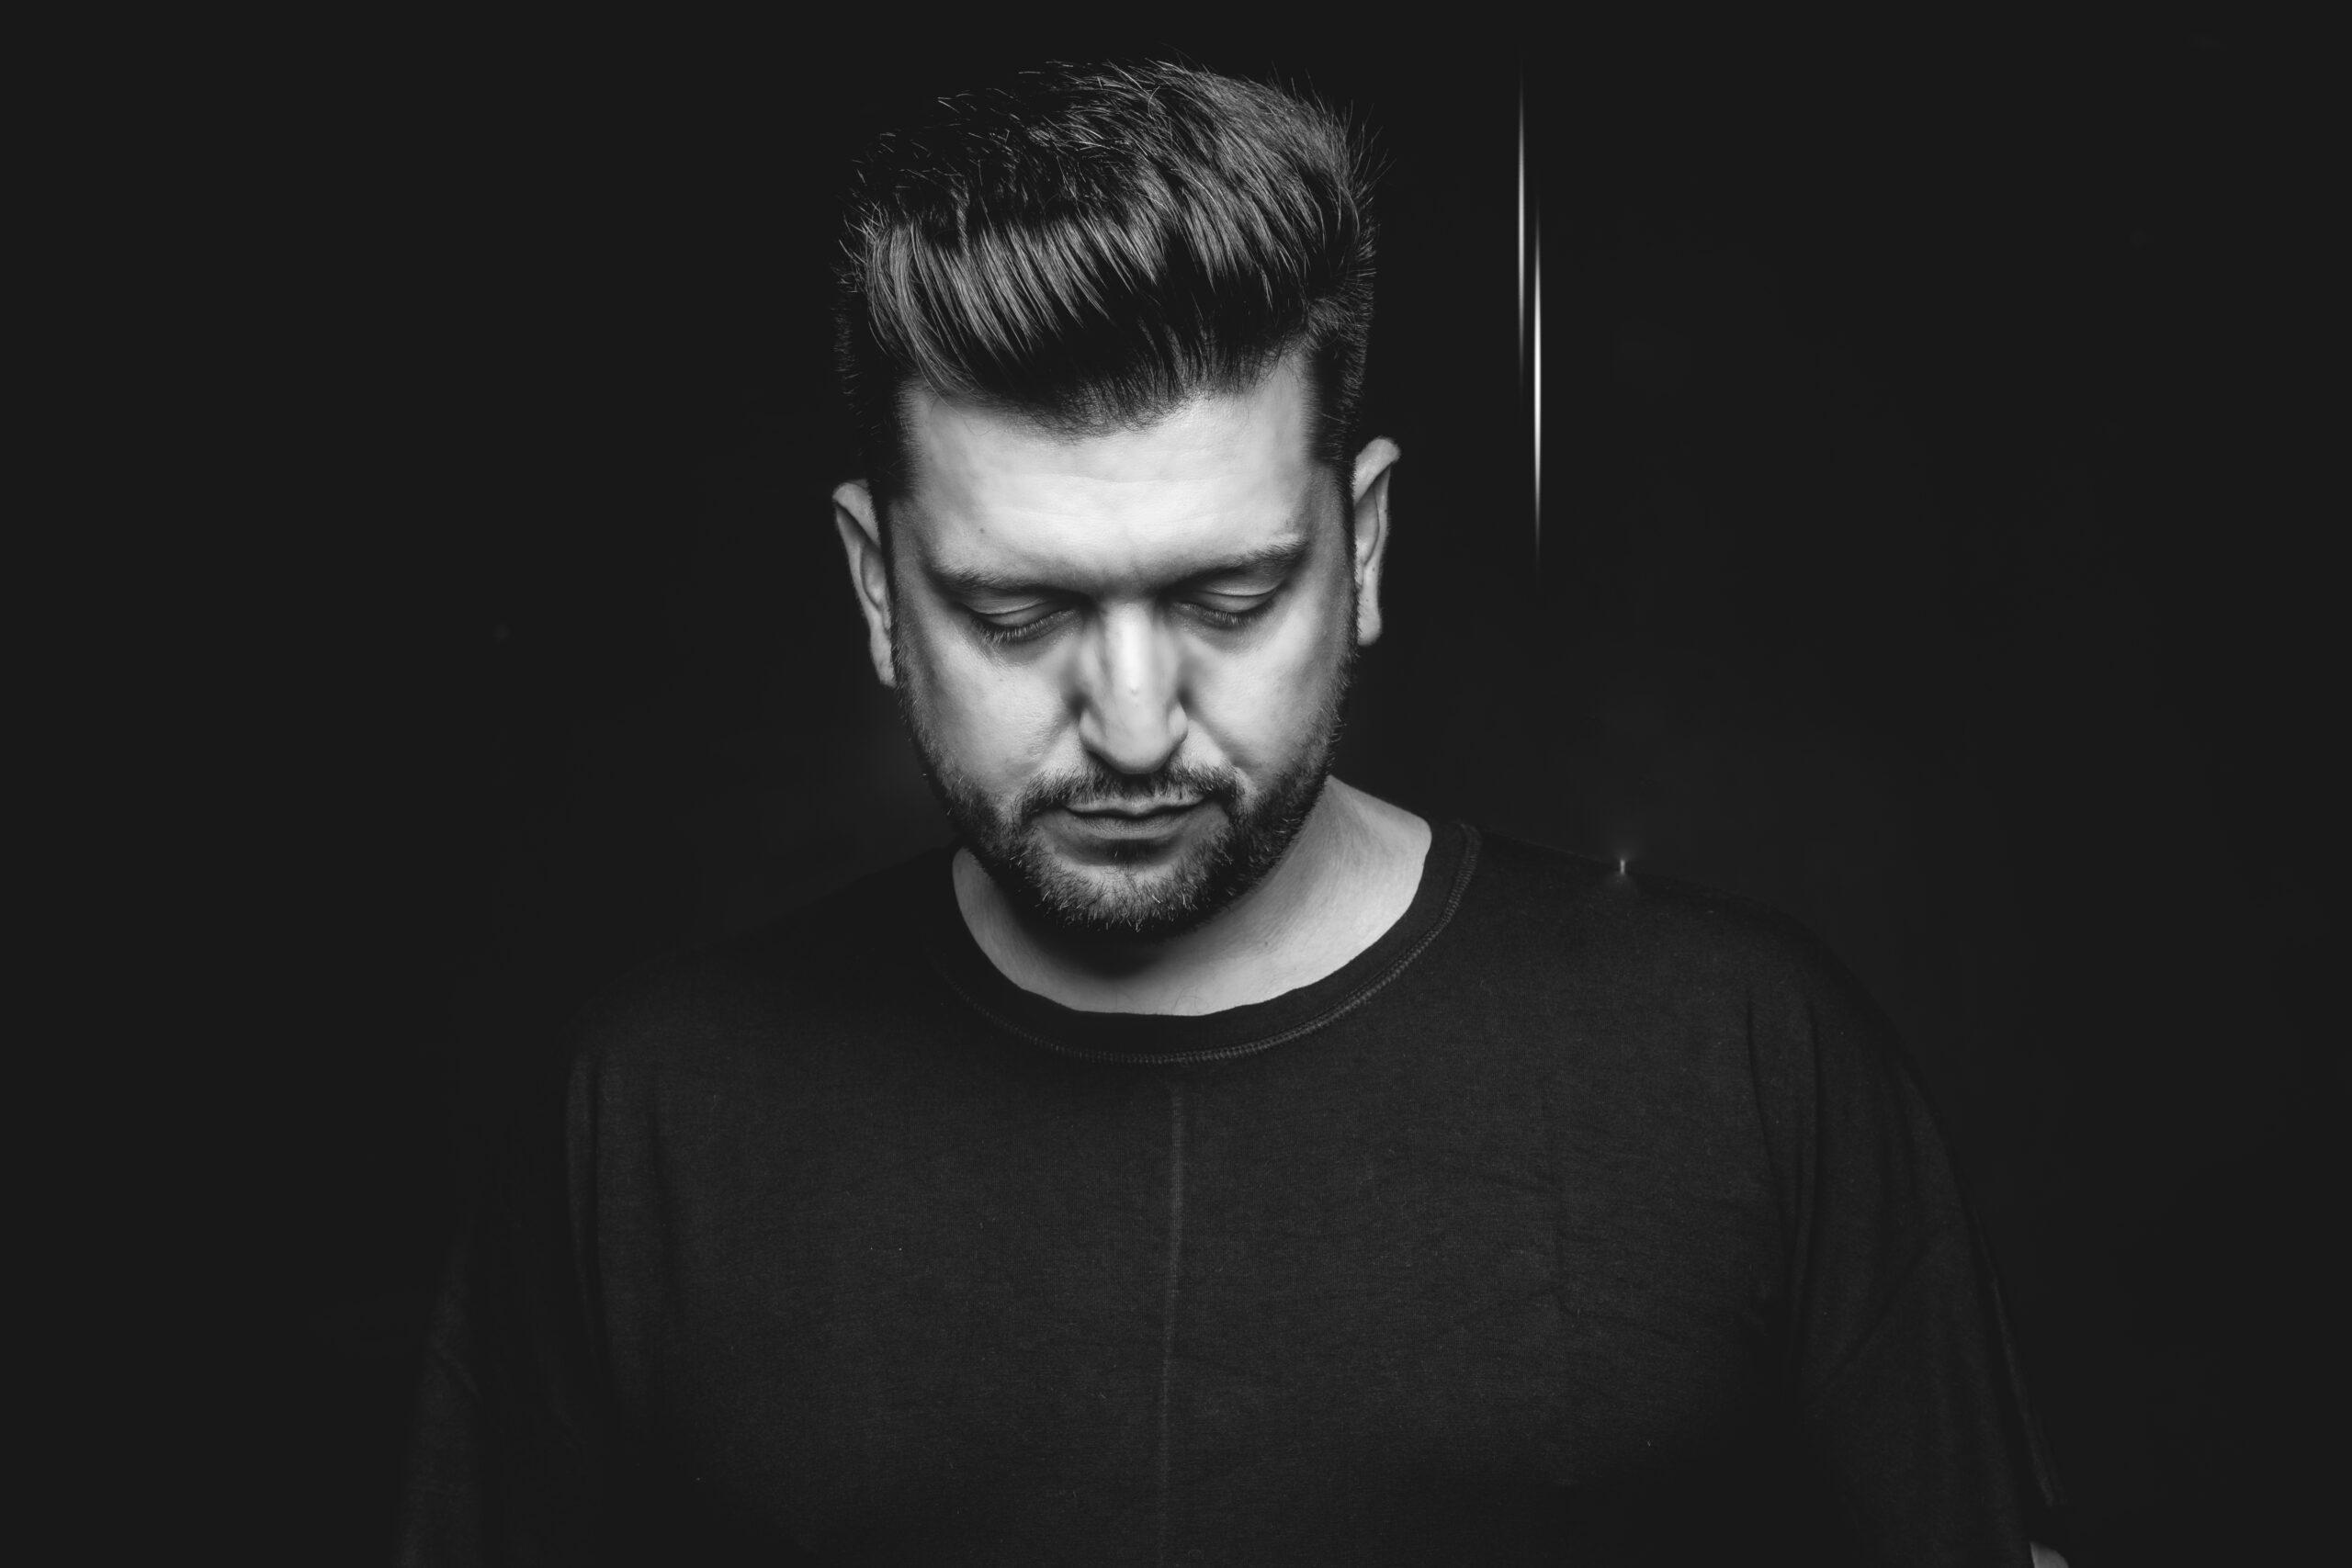 Leo Diniz indica 5 artistas do Indie Dance que devem fazer sucesso em 2021 1 scaled